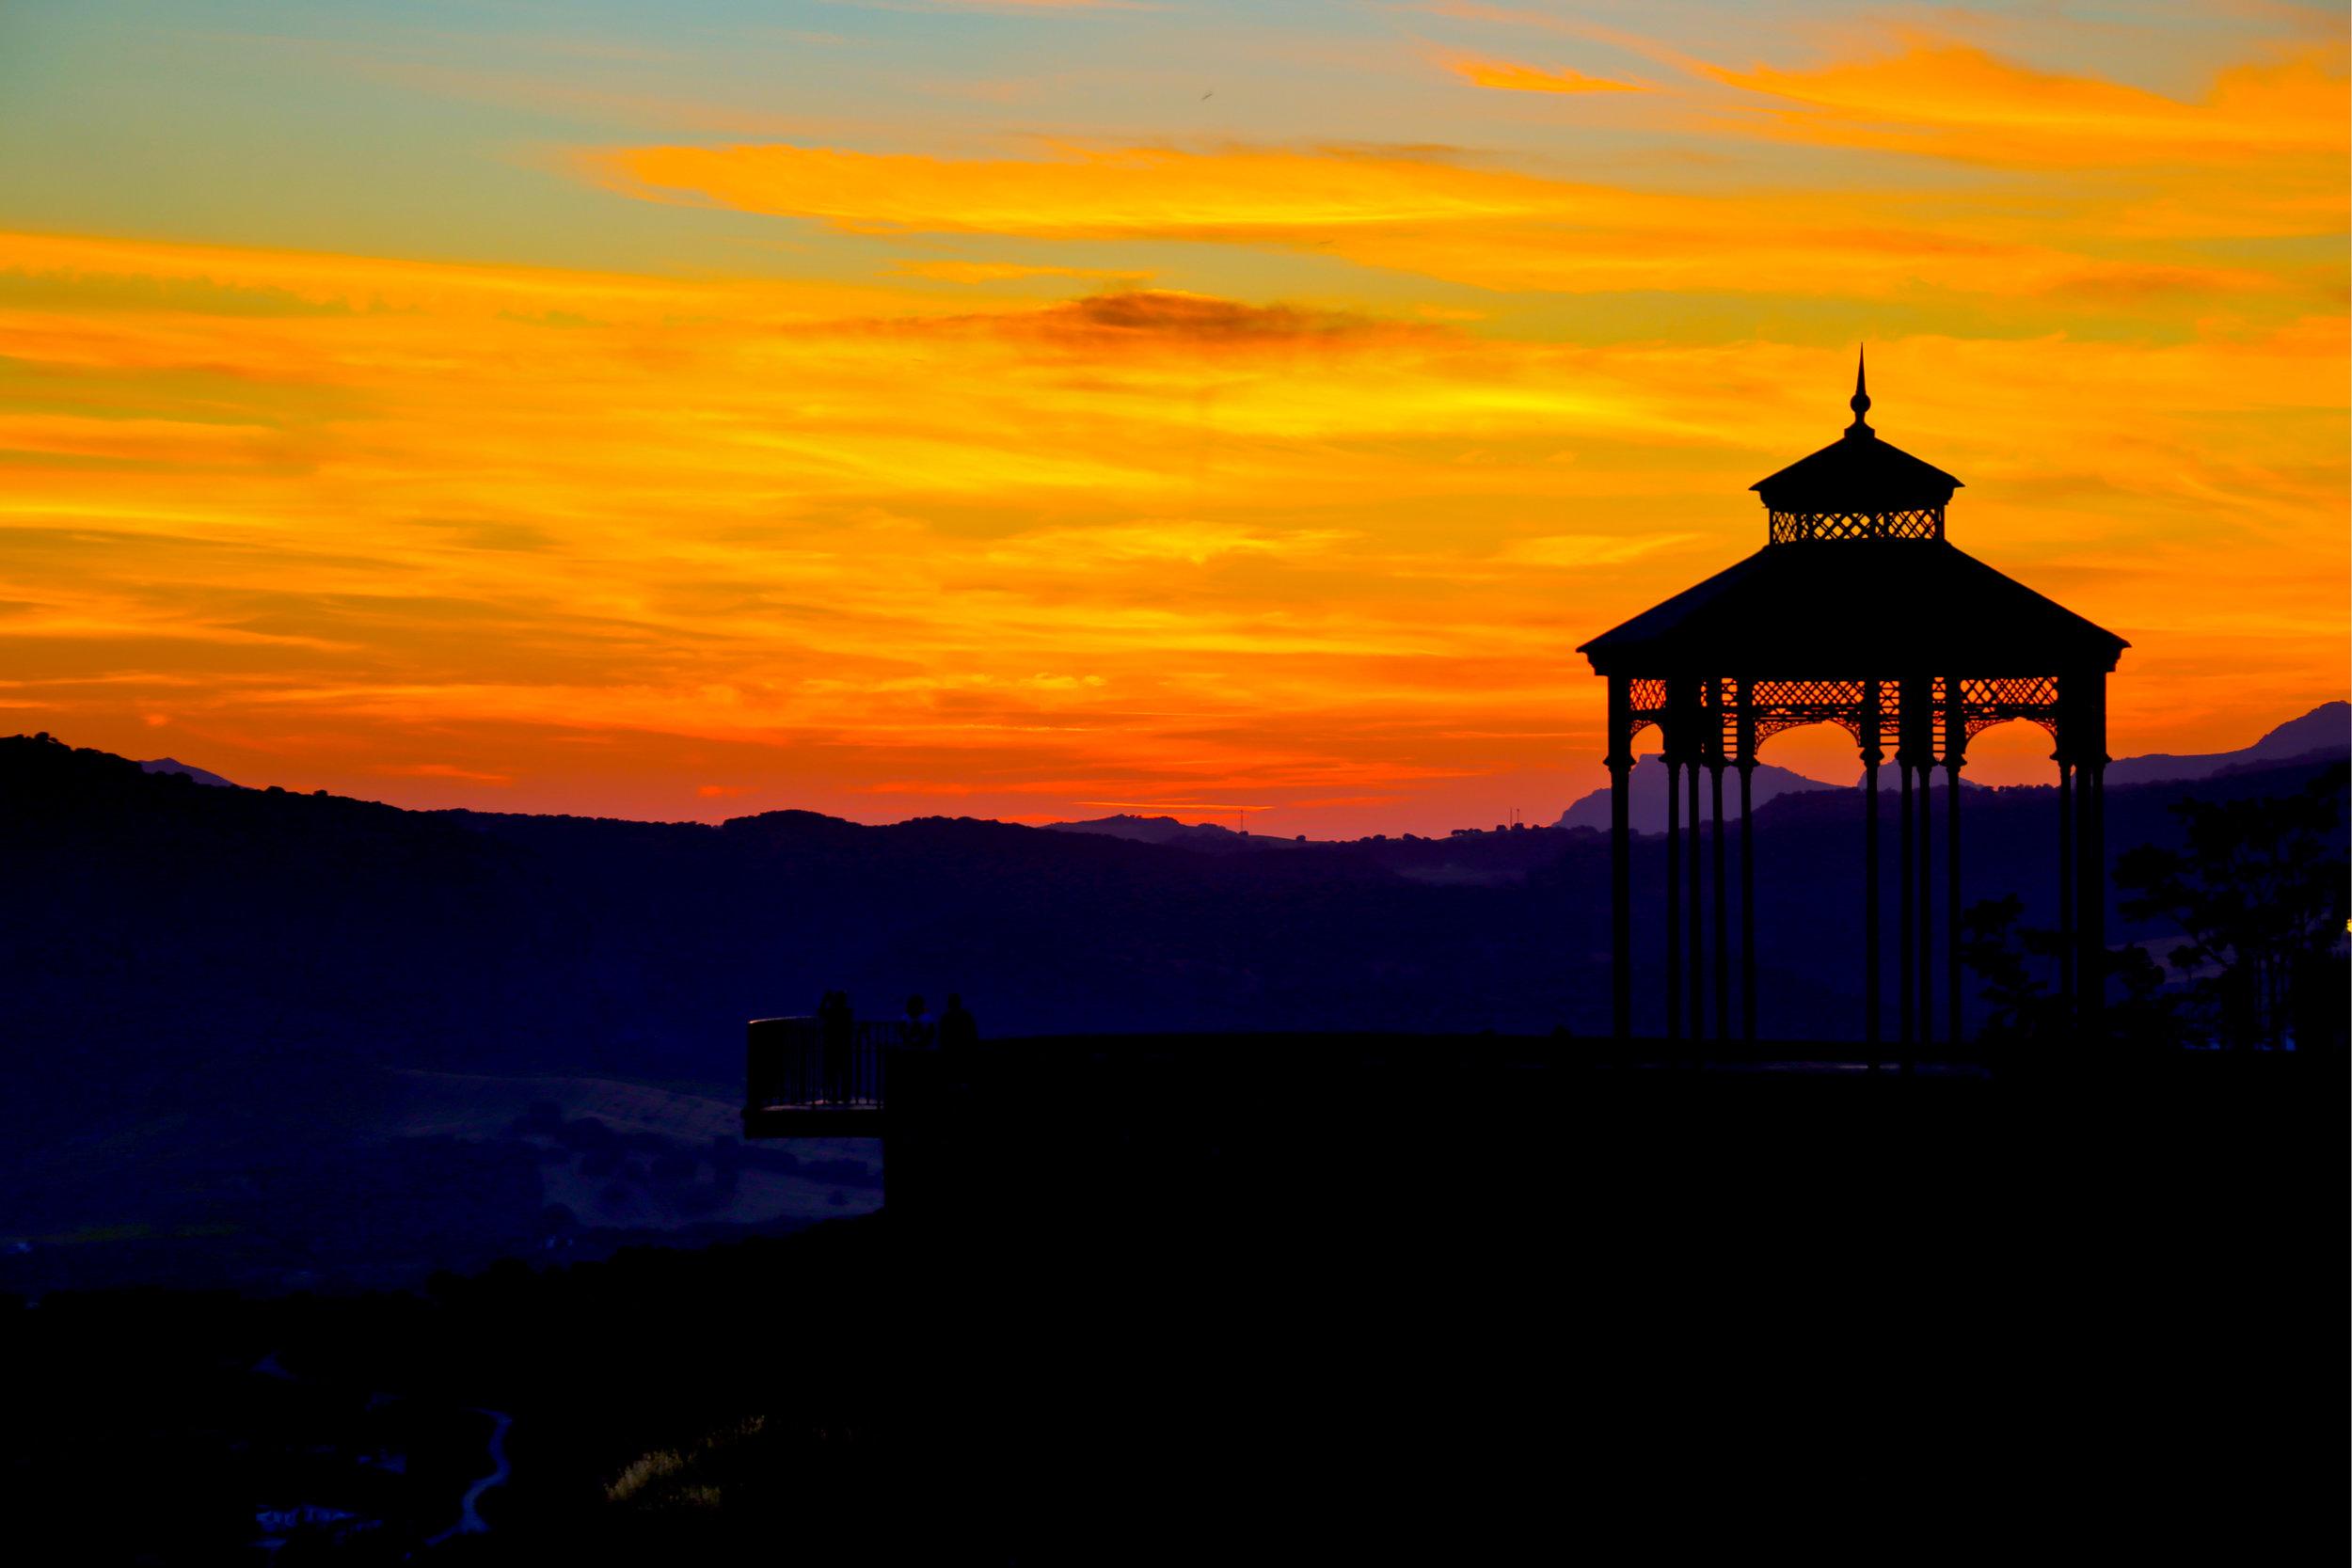 Sunset at the Mirador